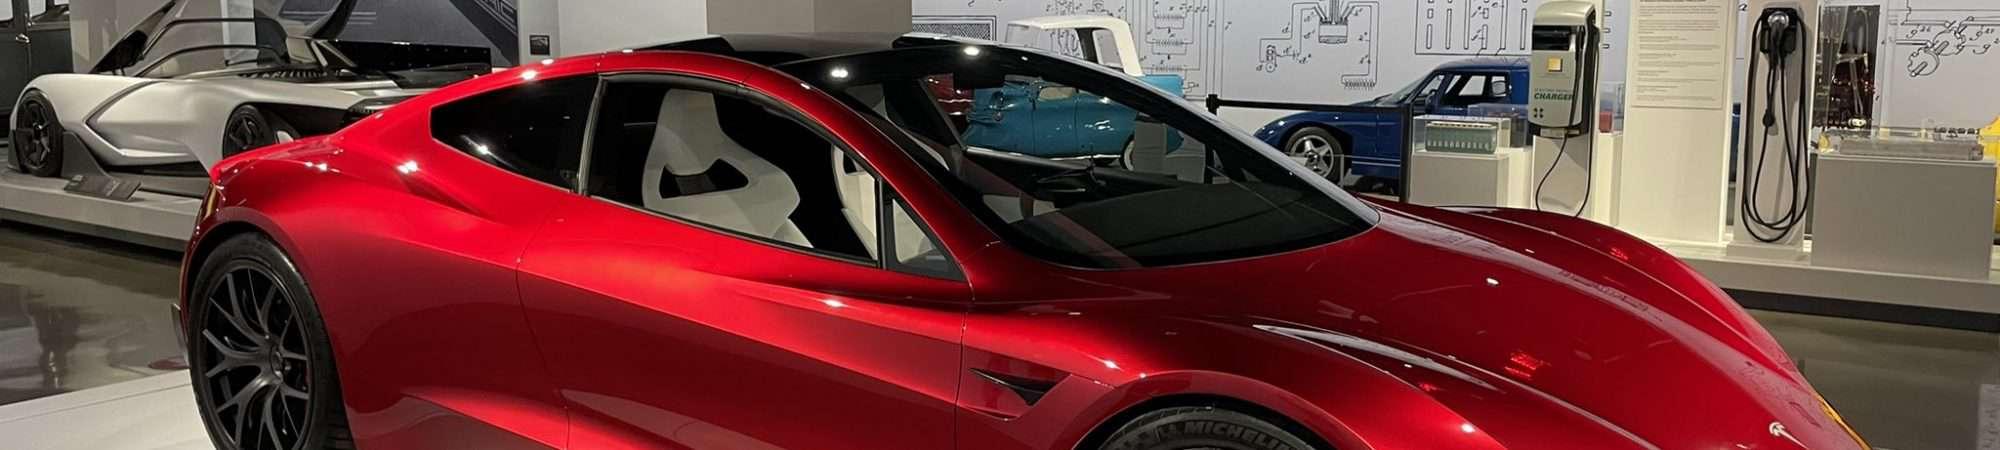 Imagem mostra o Tesla Roadster, carro superesportivo da Tesla, em exibição em um salão